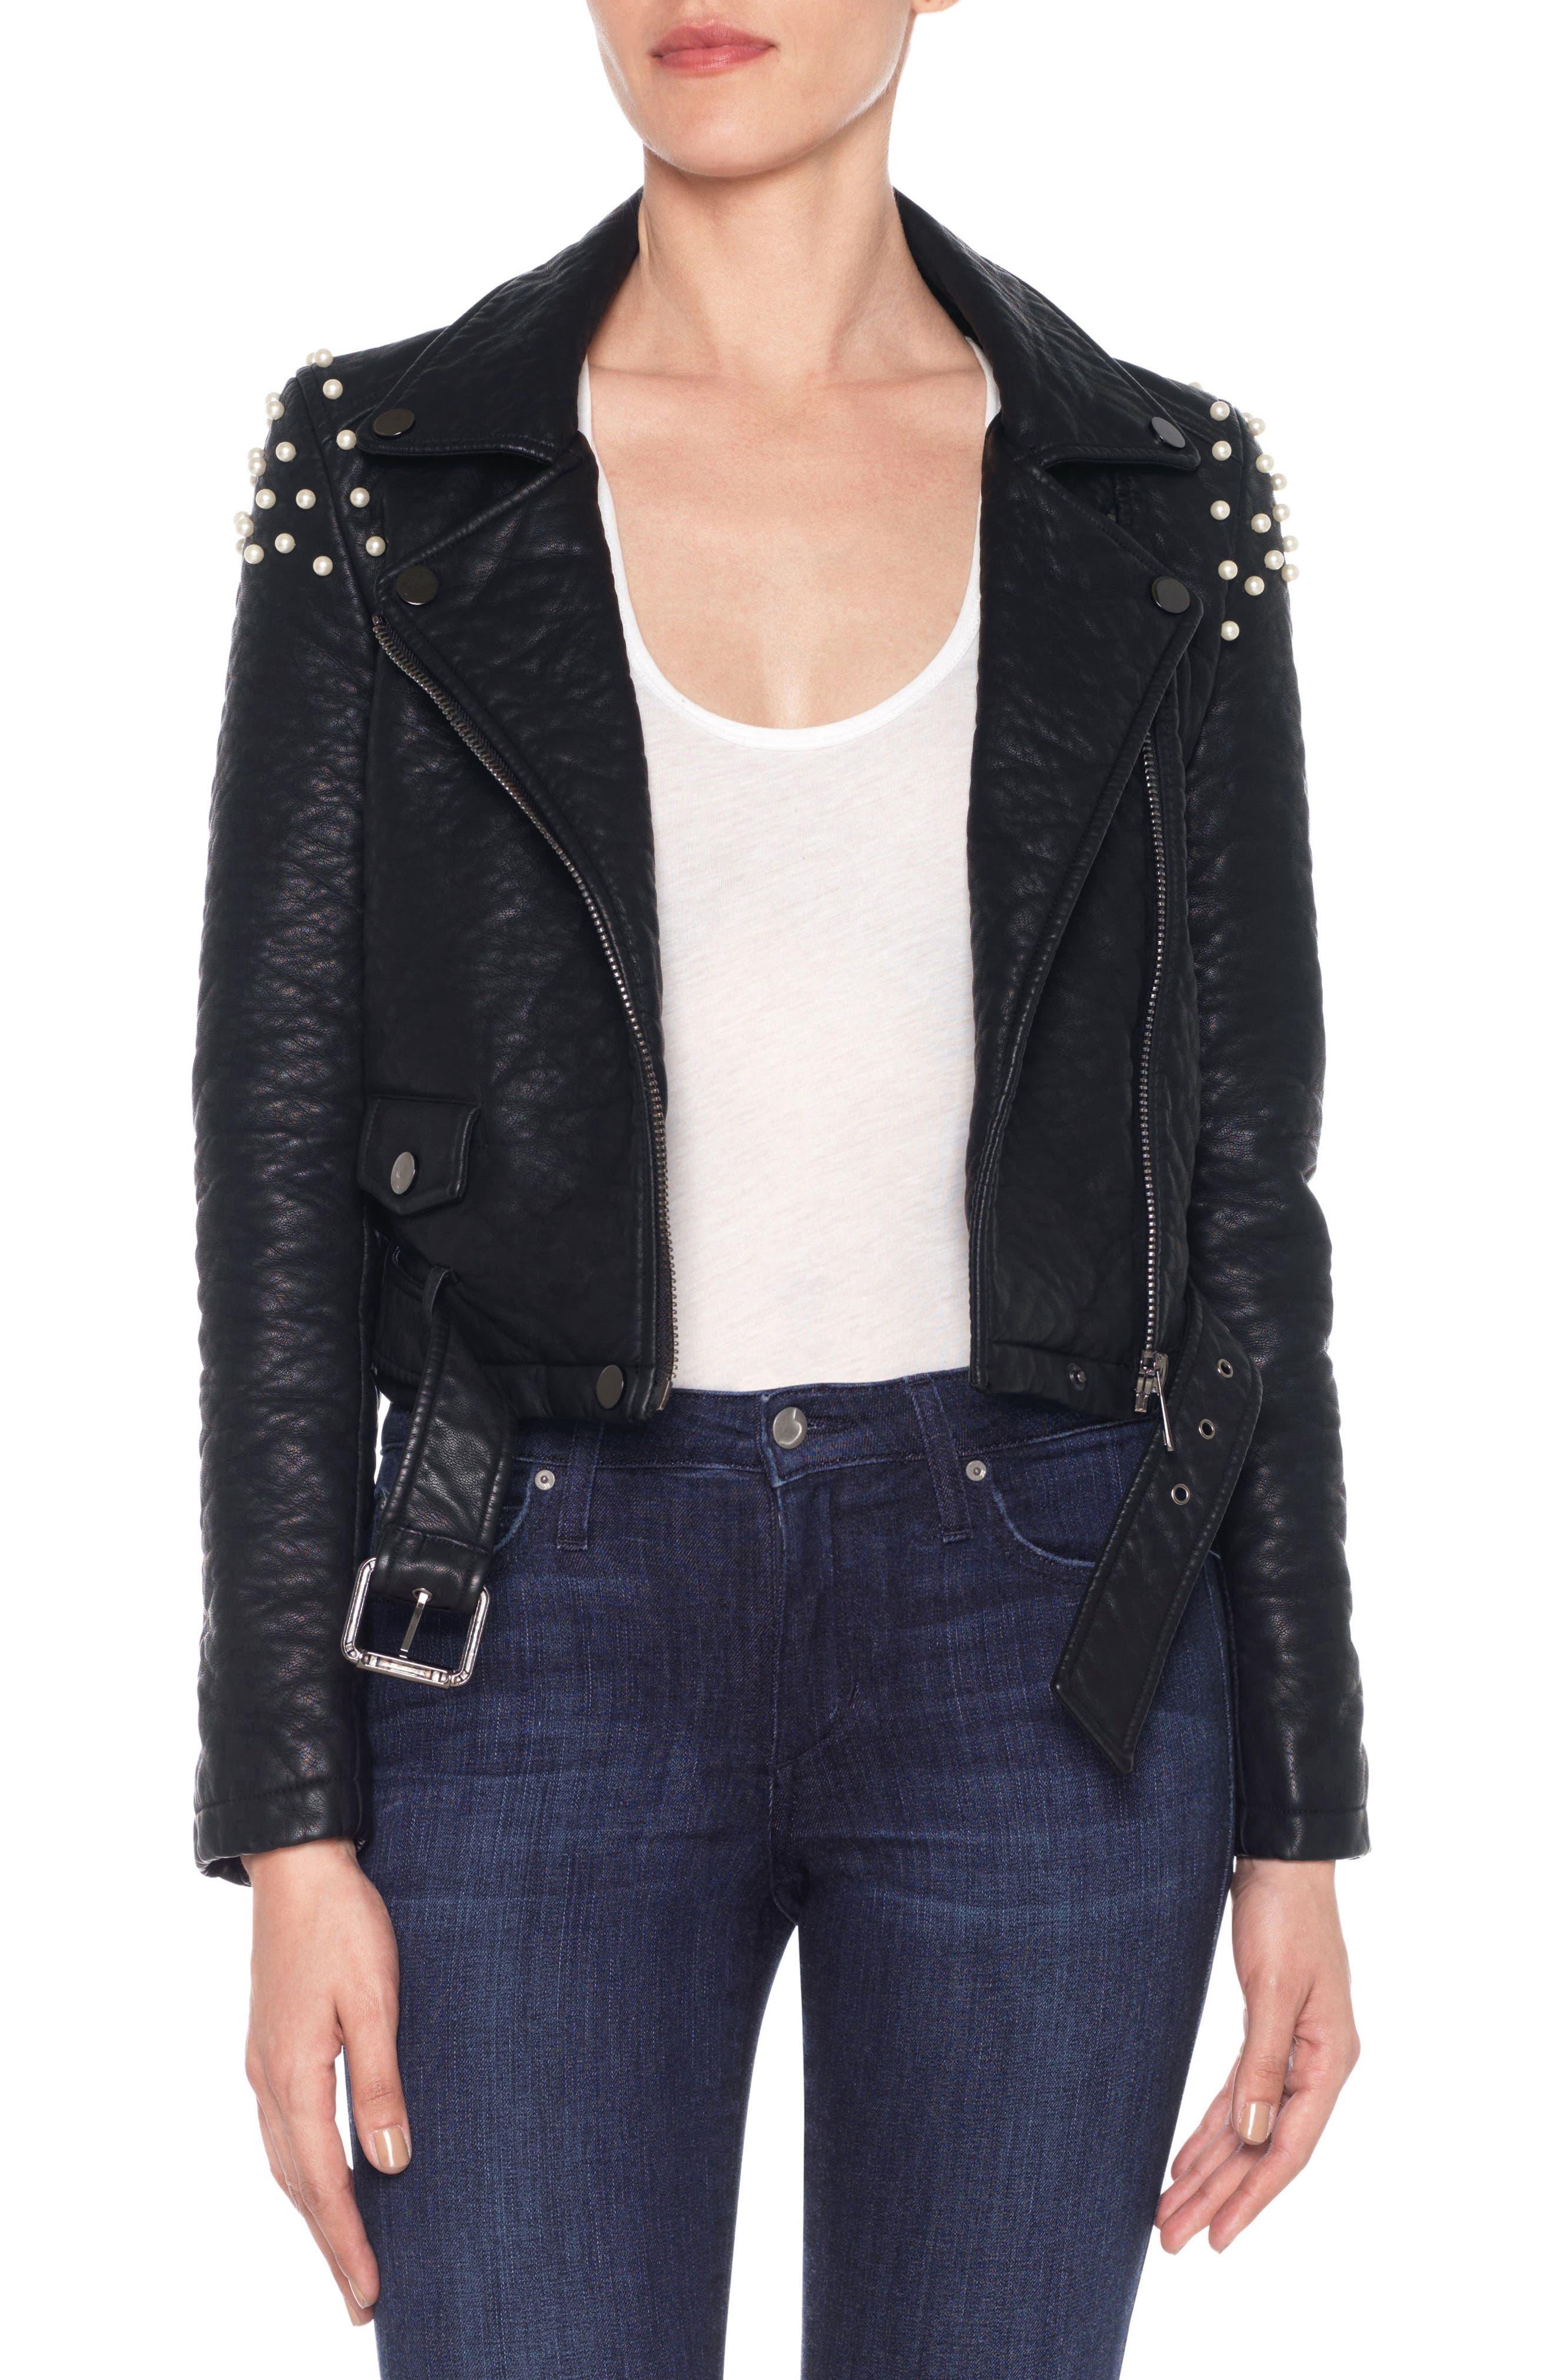 Taylor Embellished Faux Leather Moto Jacket,                         Main,                         color, Black